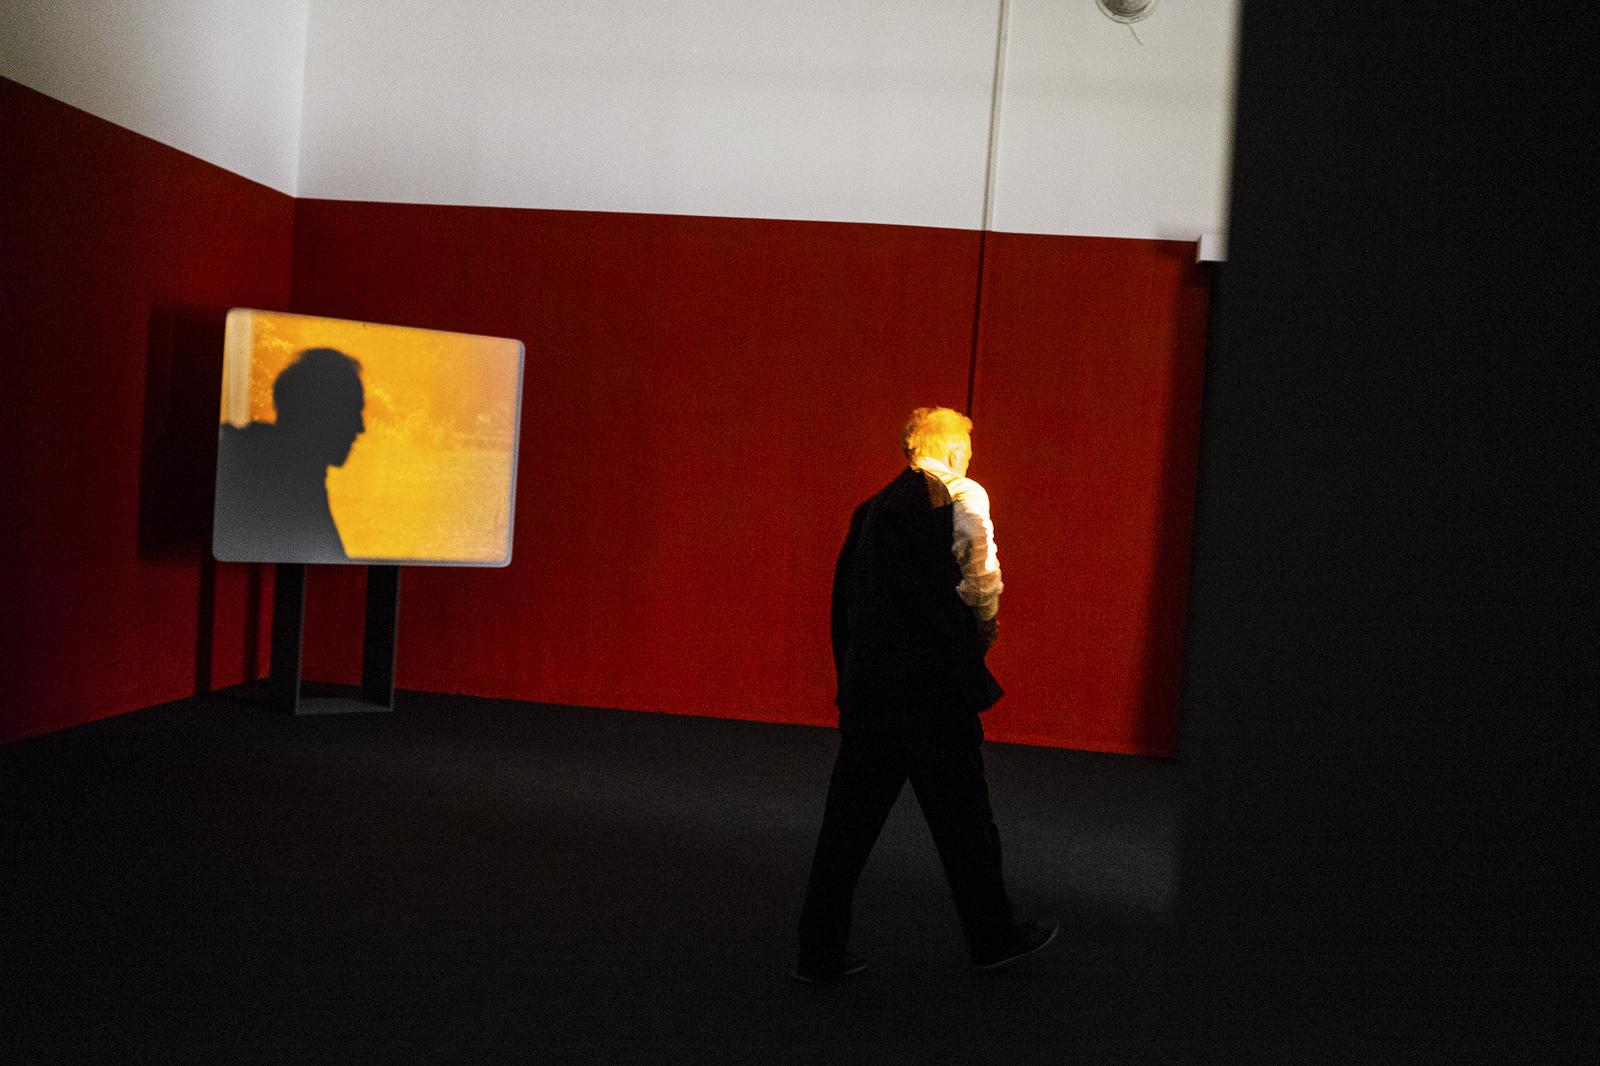 Giovanni Stimolo silhouette